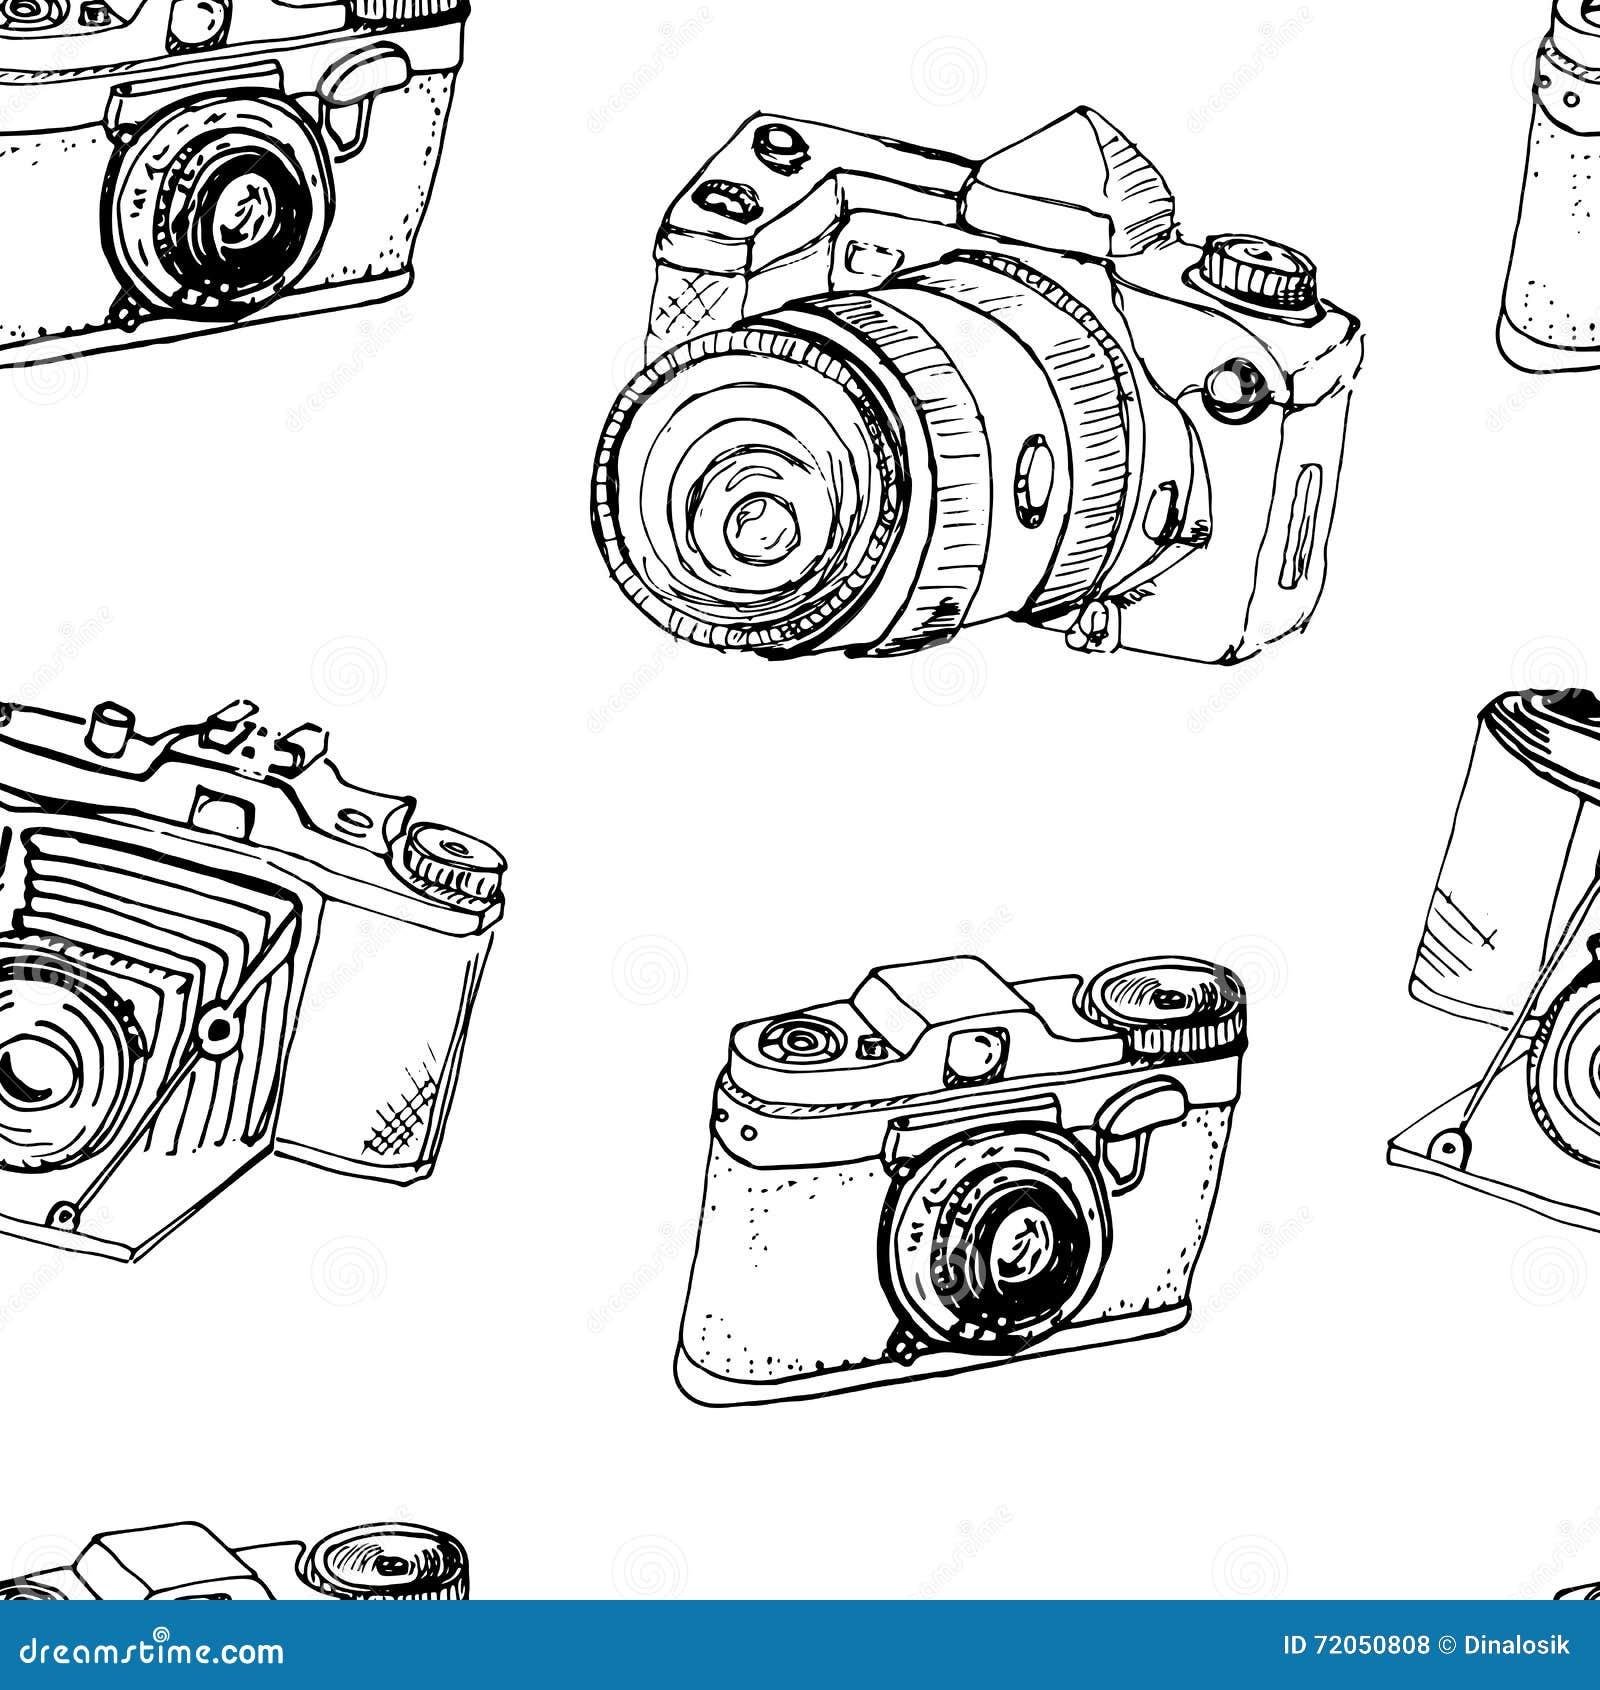 Feito A Mao Cameras Desenho Da Tinta Camera Fotografica Esboco